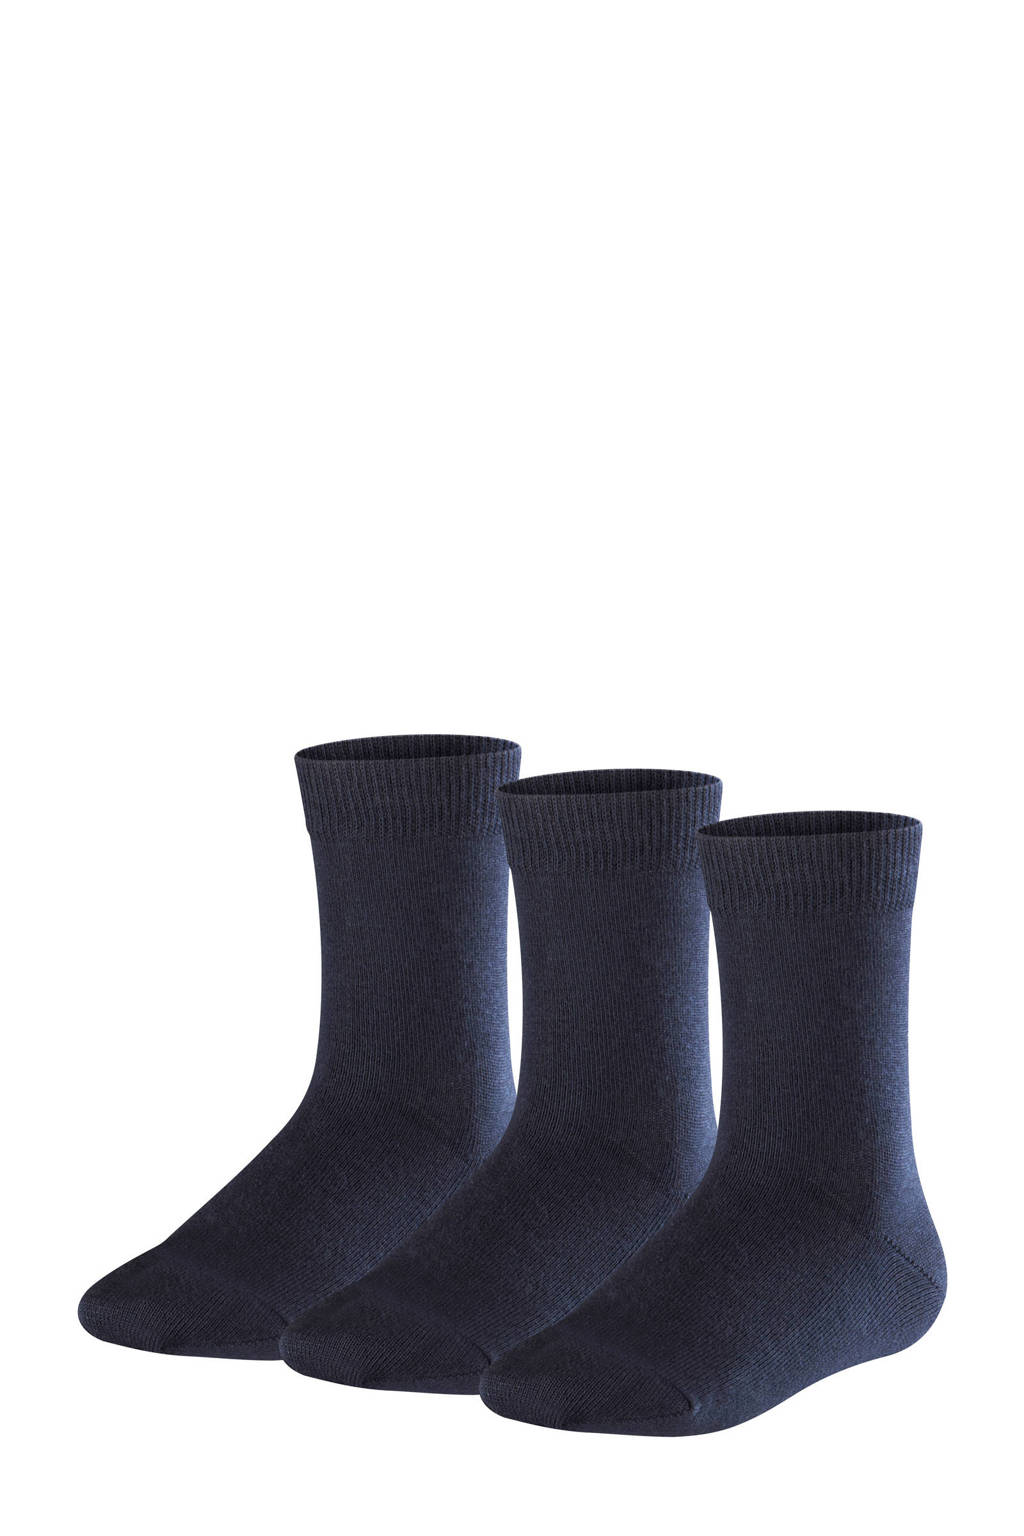 FALKE Family sokken - set van 3 donkerblauw, Donkerblauw